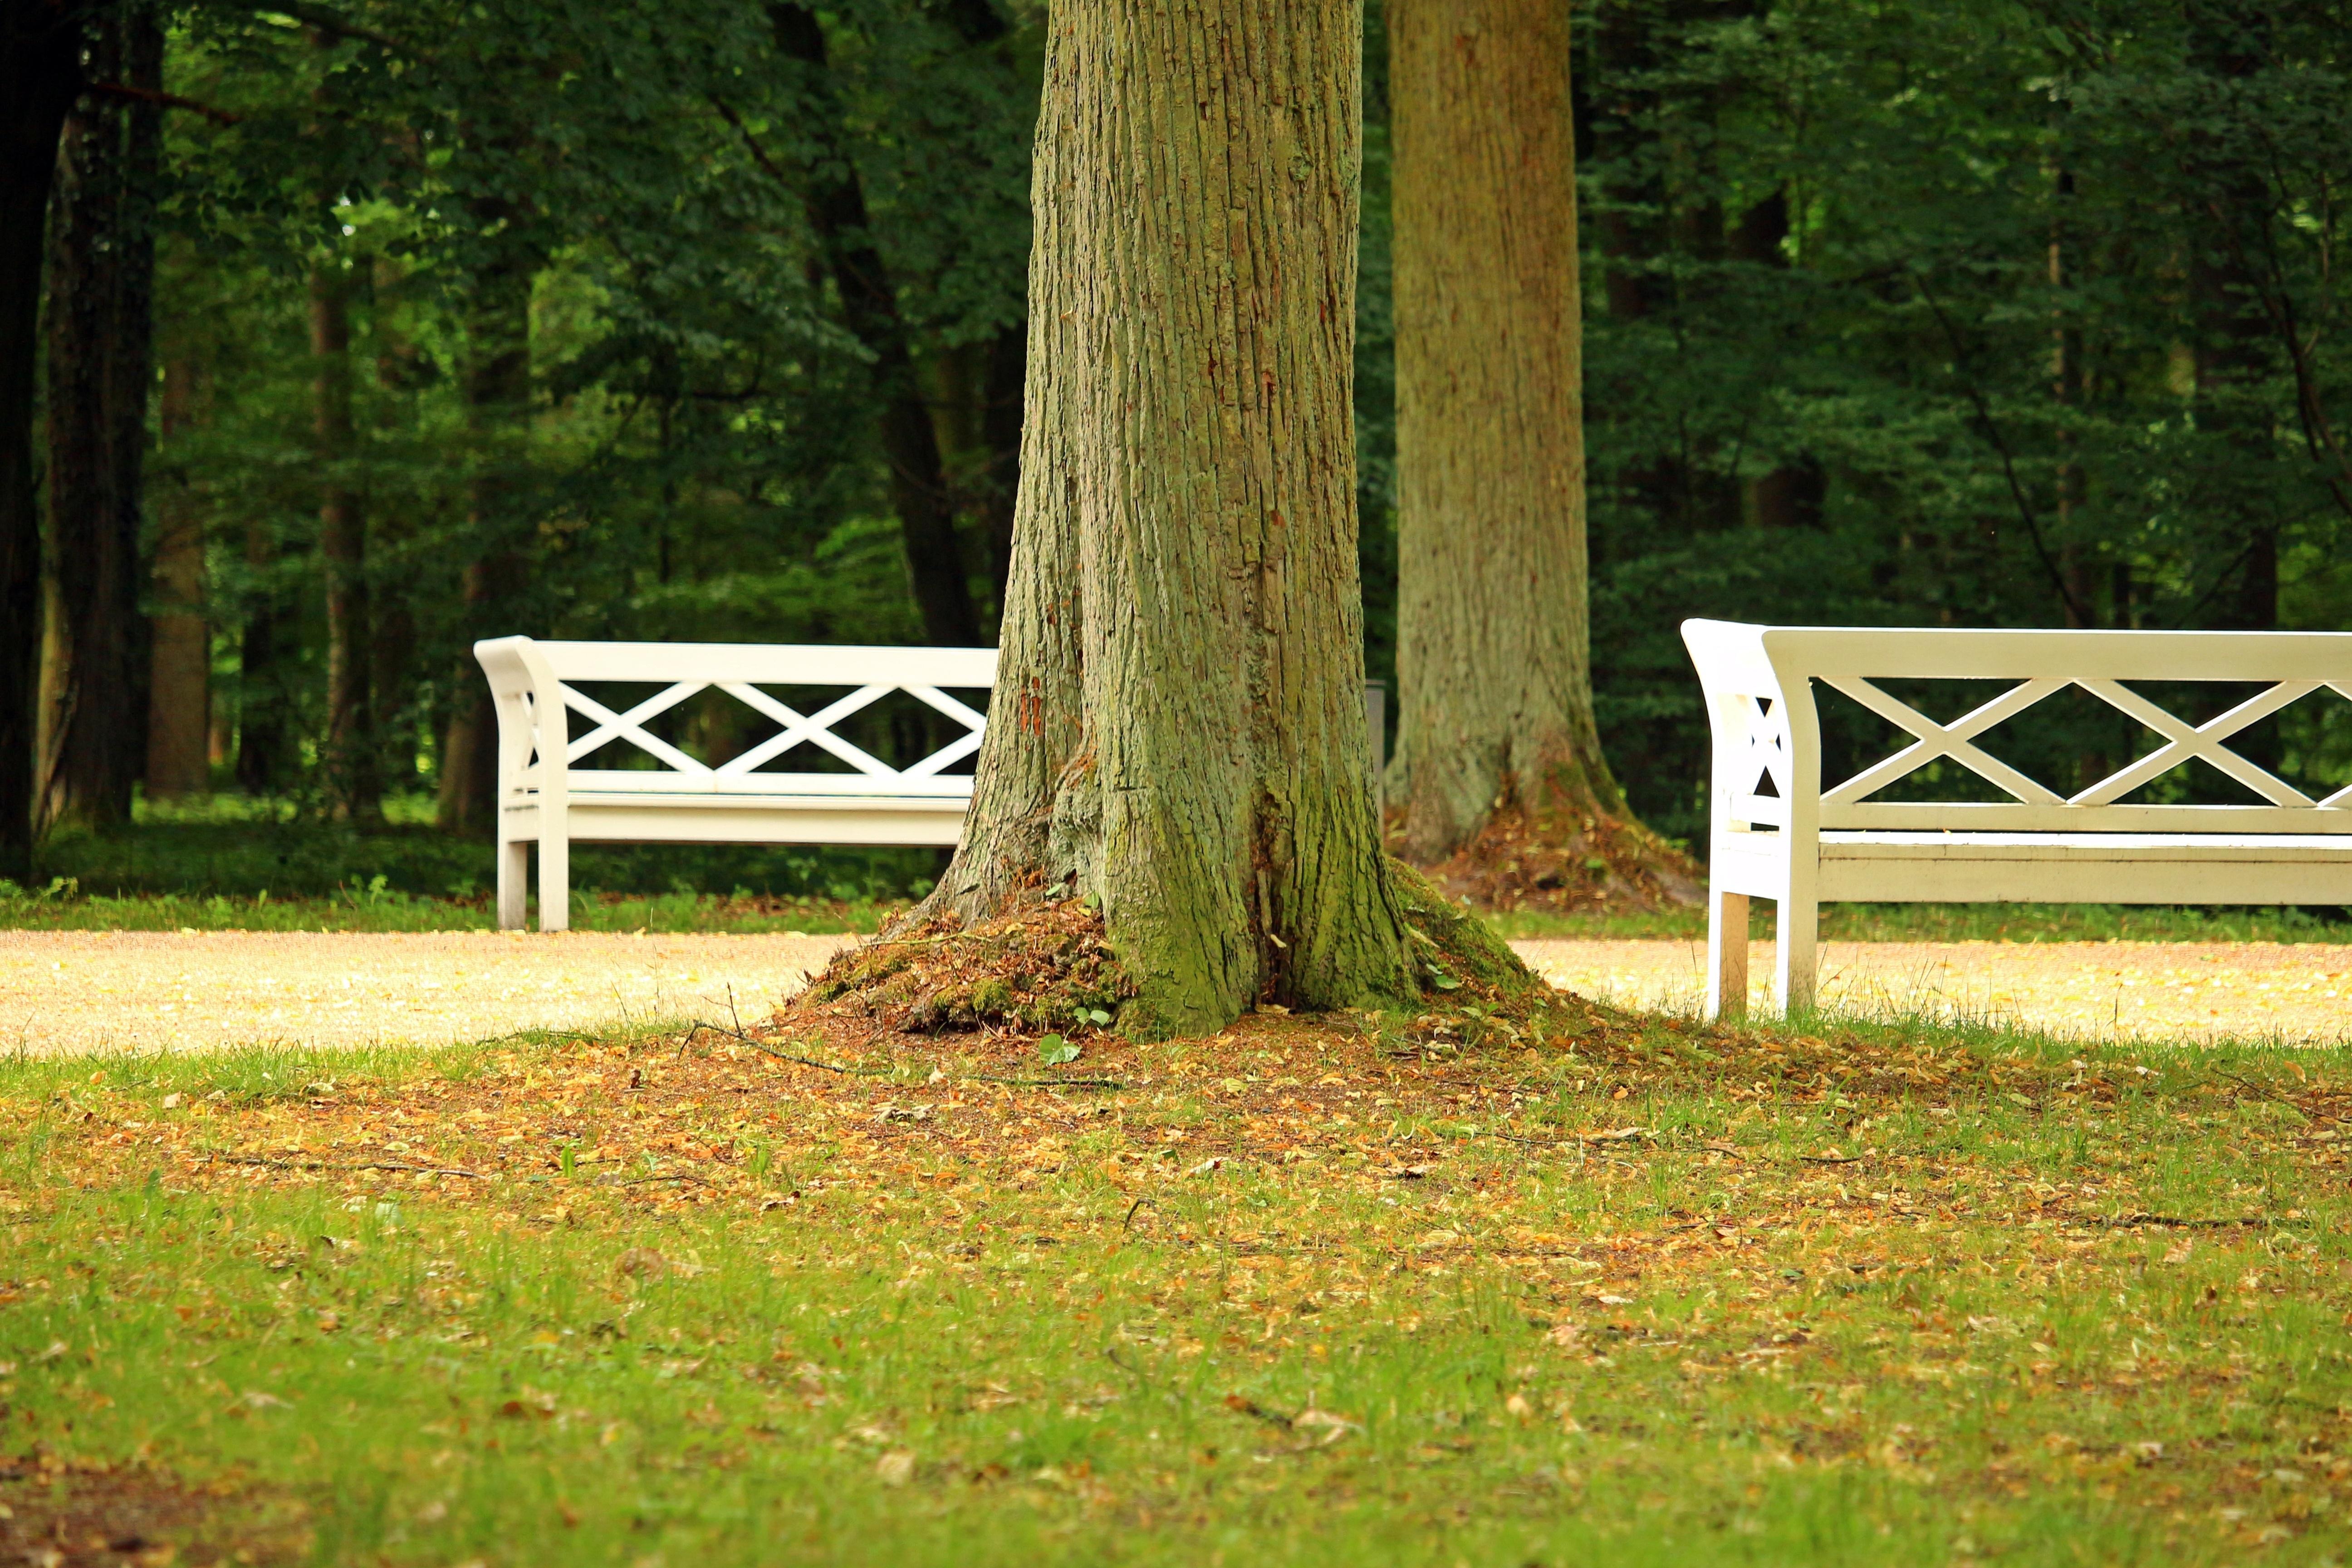 landschaft baum gras zaun pflanze holz rasen wiese blatt zuhause grn weide herbst park hinterhof garten - Hinterhof Landschaften Bilder